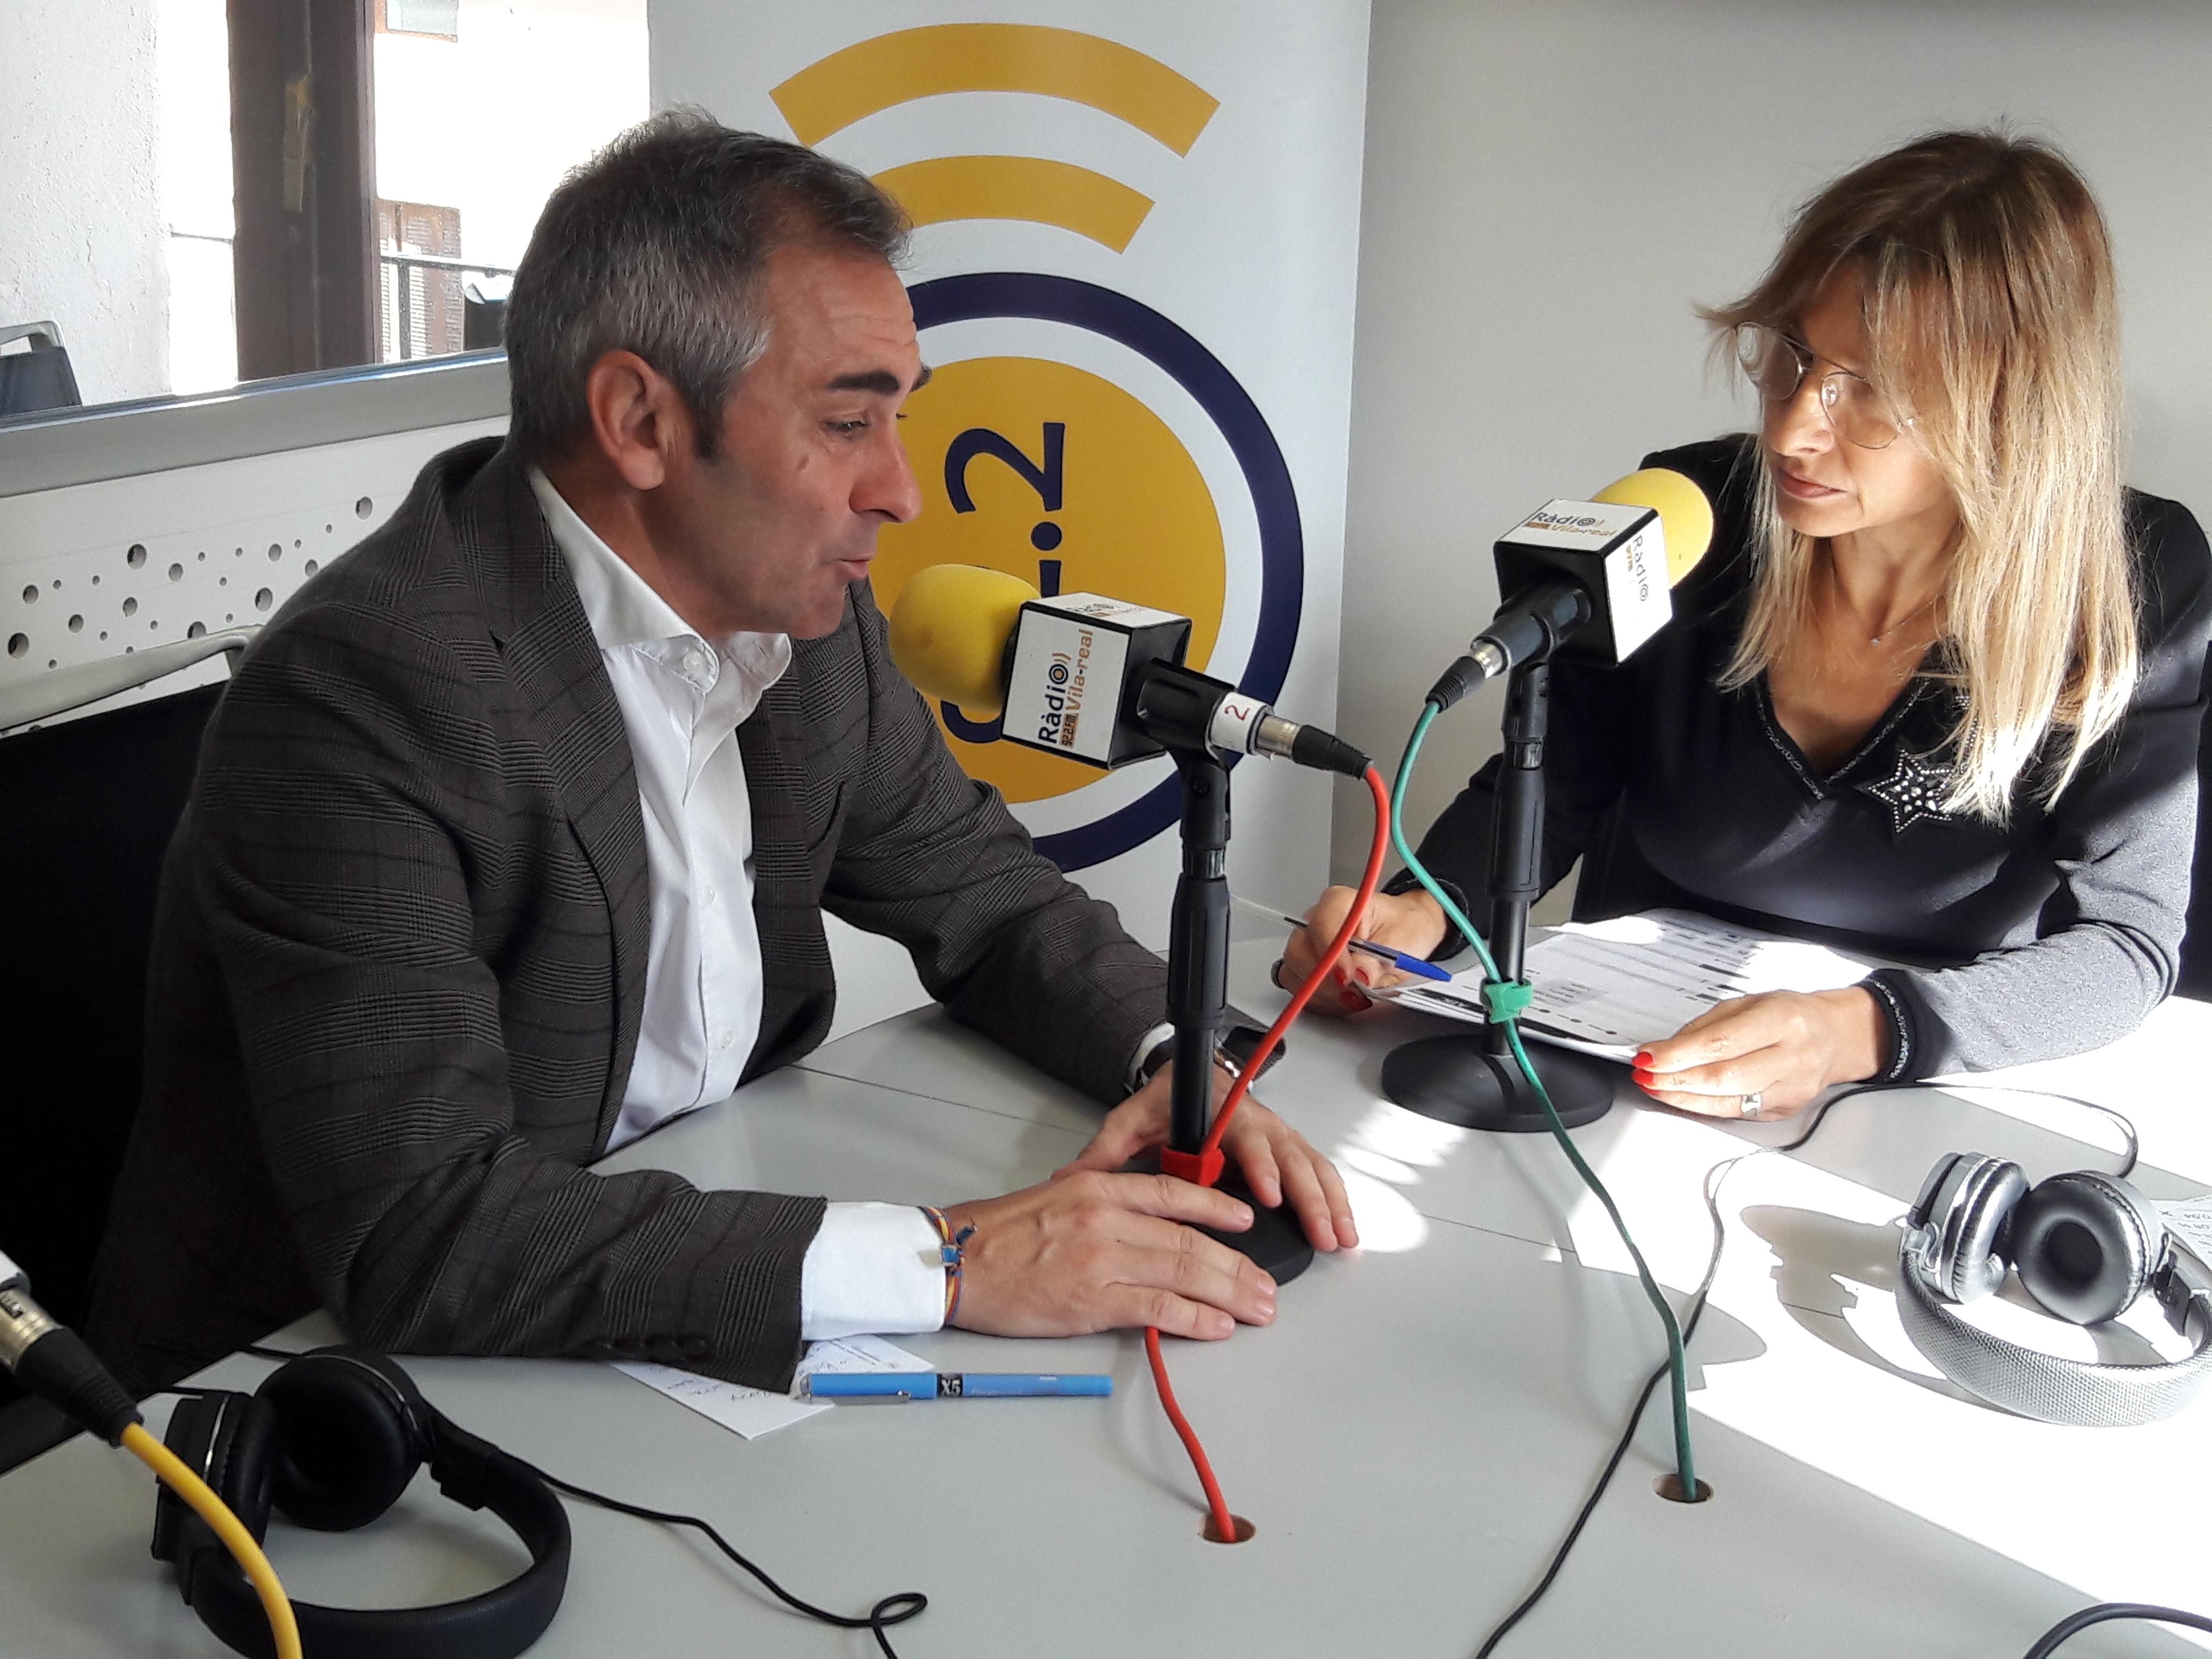 Entrevista con el líder del PP de Castellón y diputado autonómico, Miguel Barrachina. 13 de noviembre del 2019